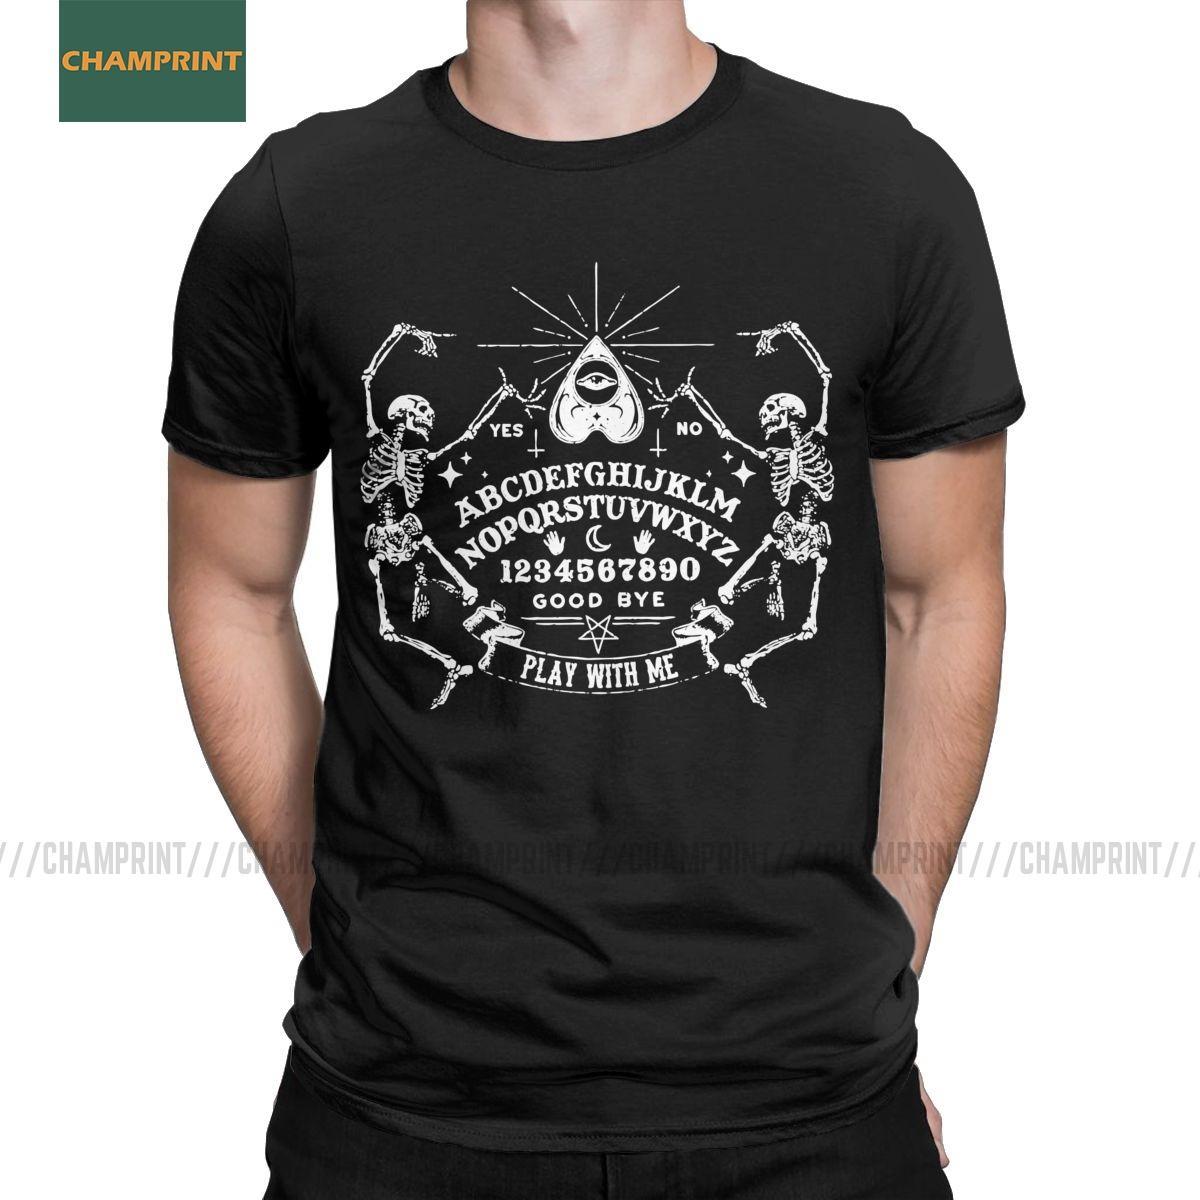 T-shirt Gioca con la manica corta Me Ouija Board Cotone Tees Strega Spirito Creepy Male Paranormale Morto T shirt girocollo Top